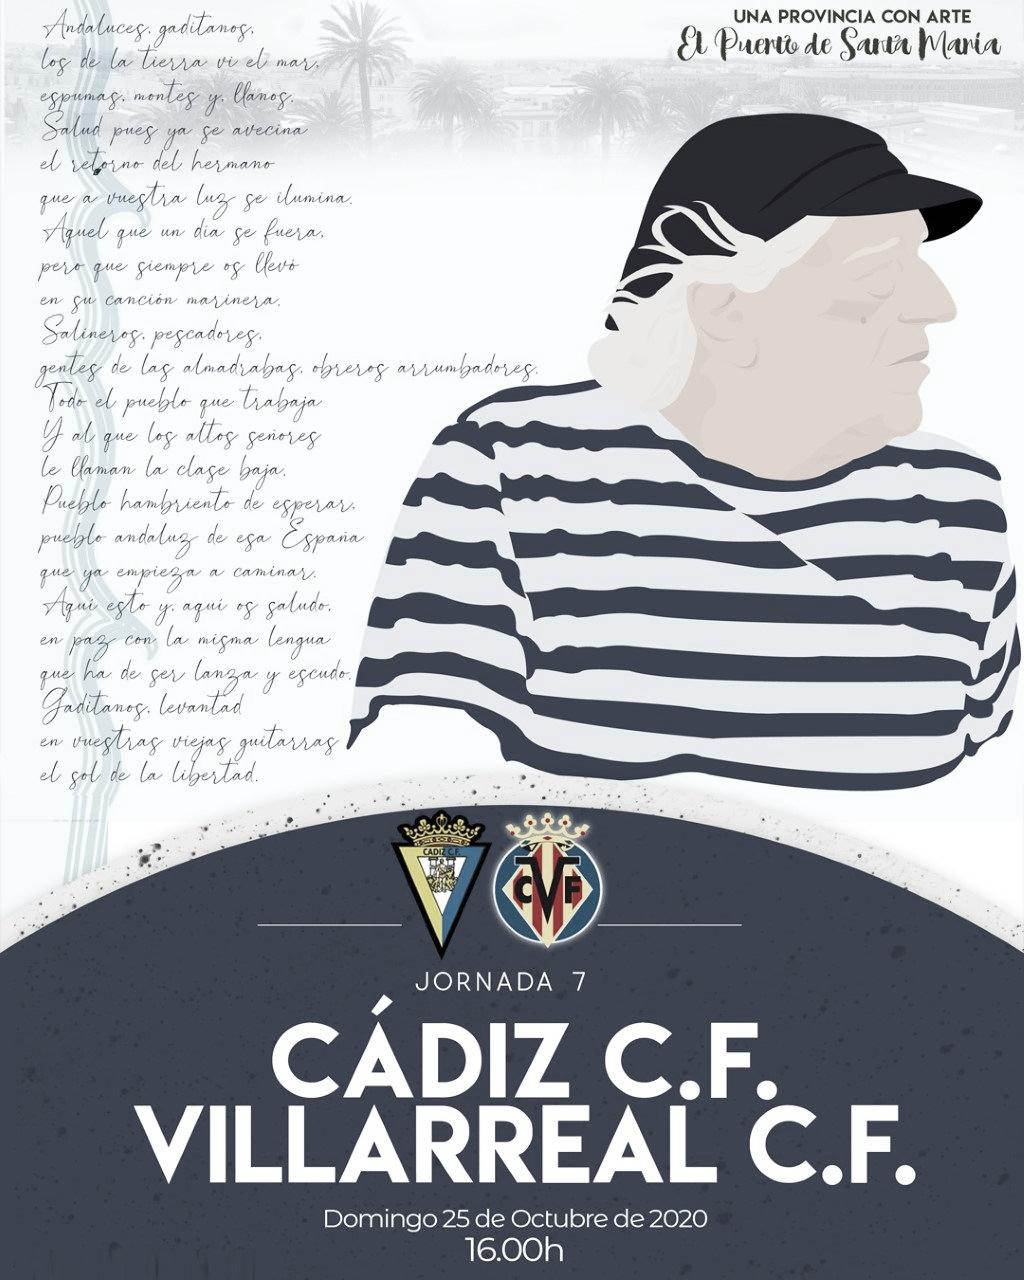 Cartel promocional del encuentro | Cádiz CF